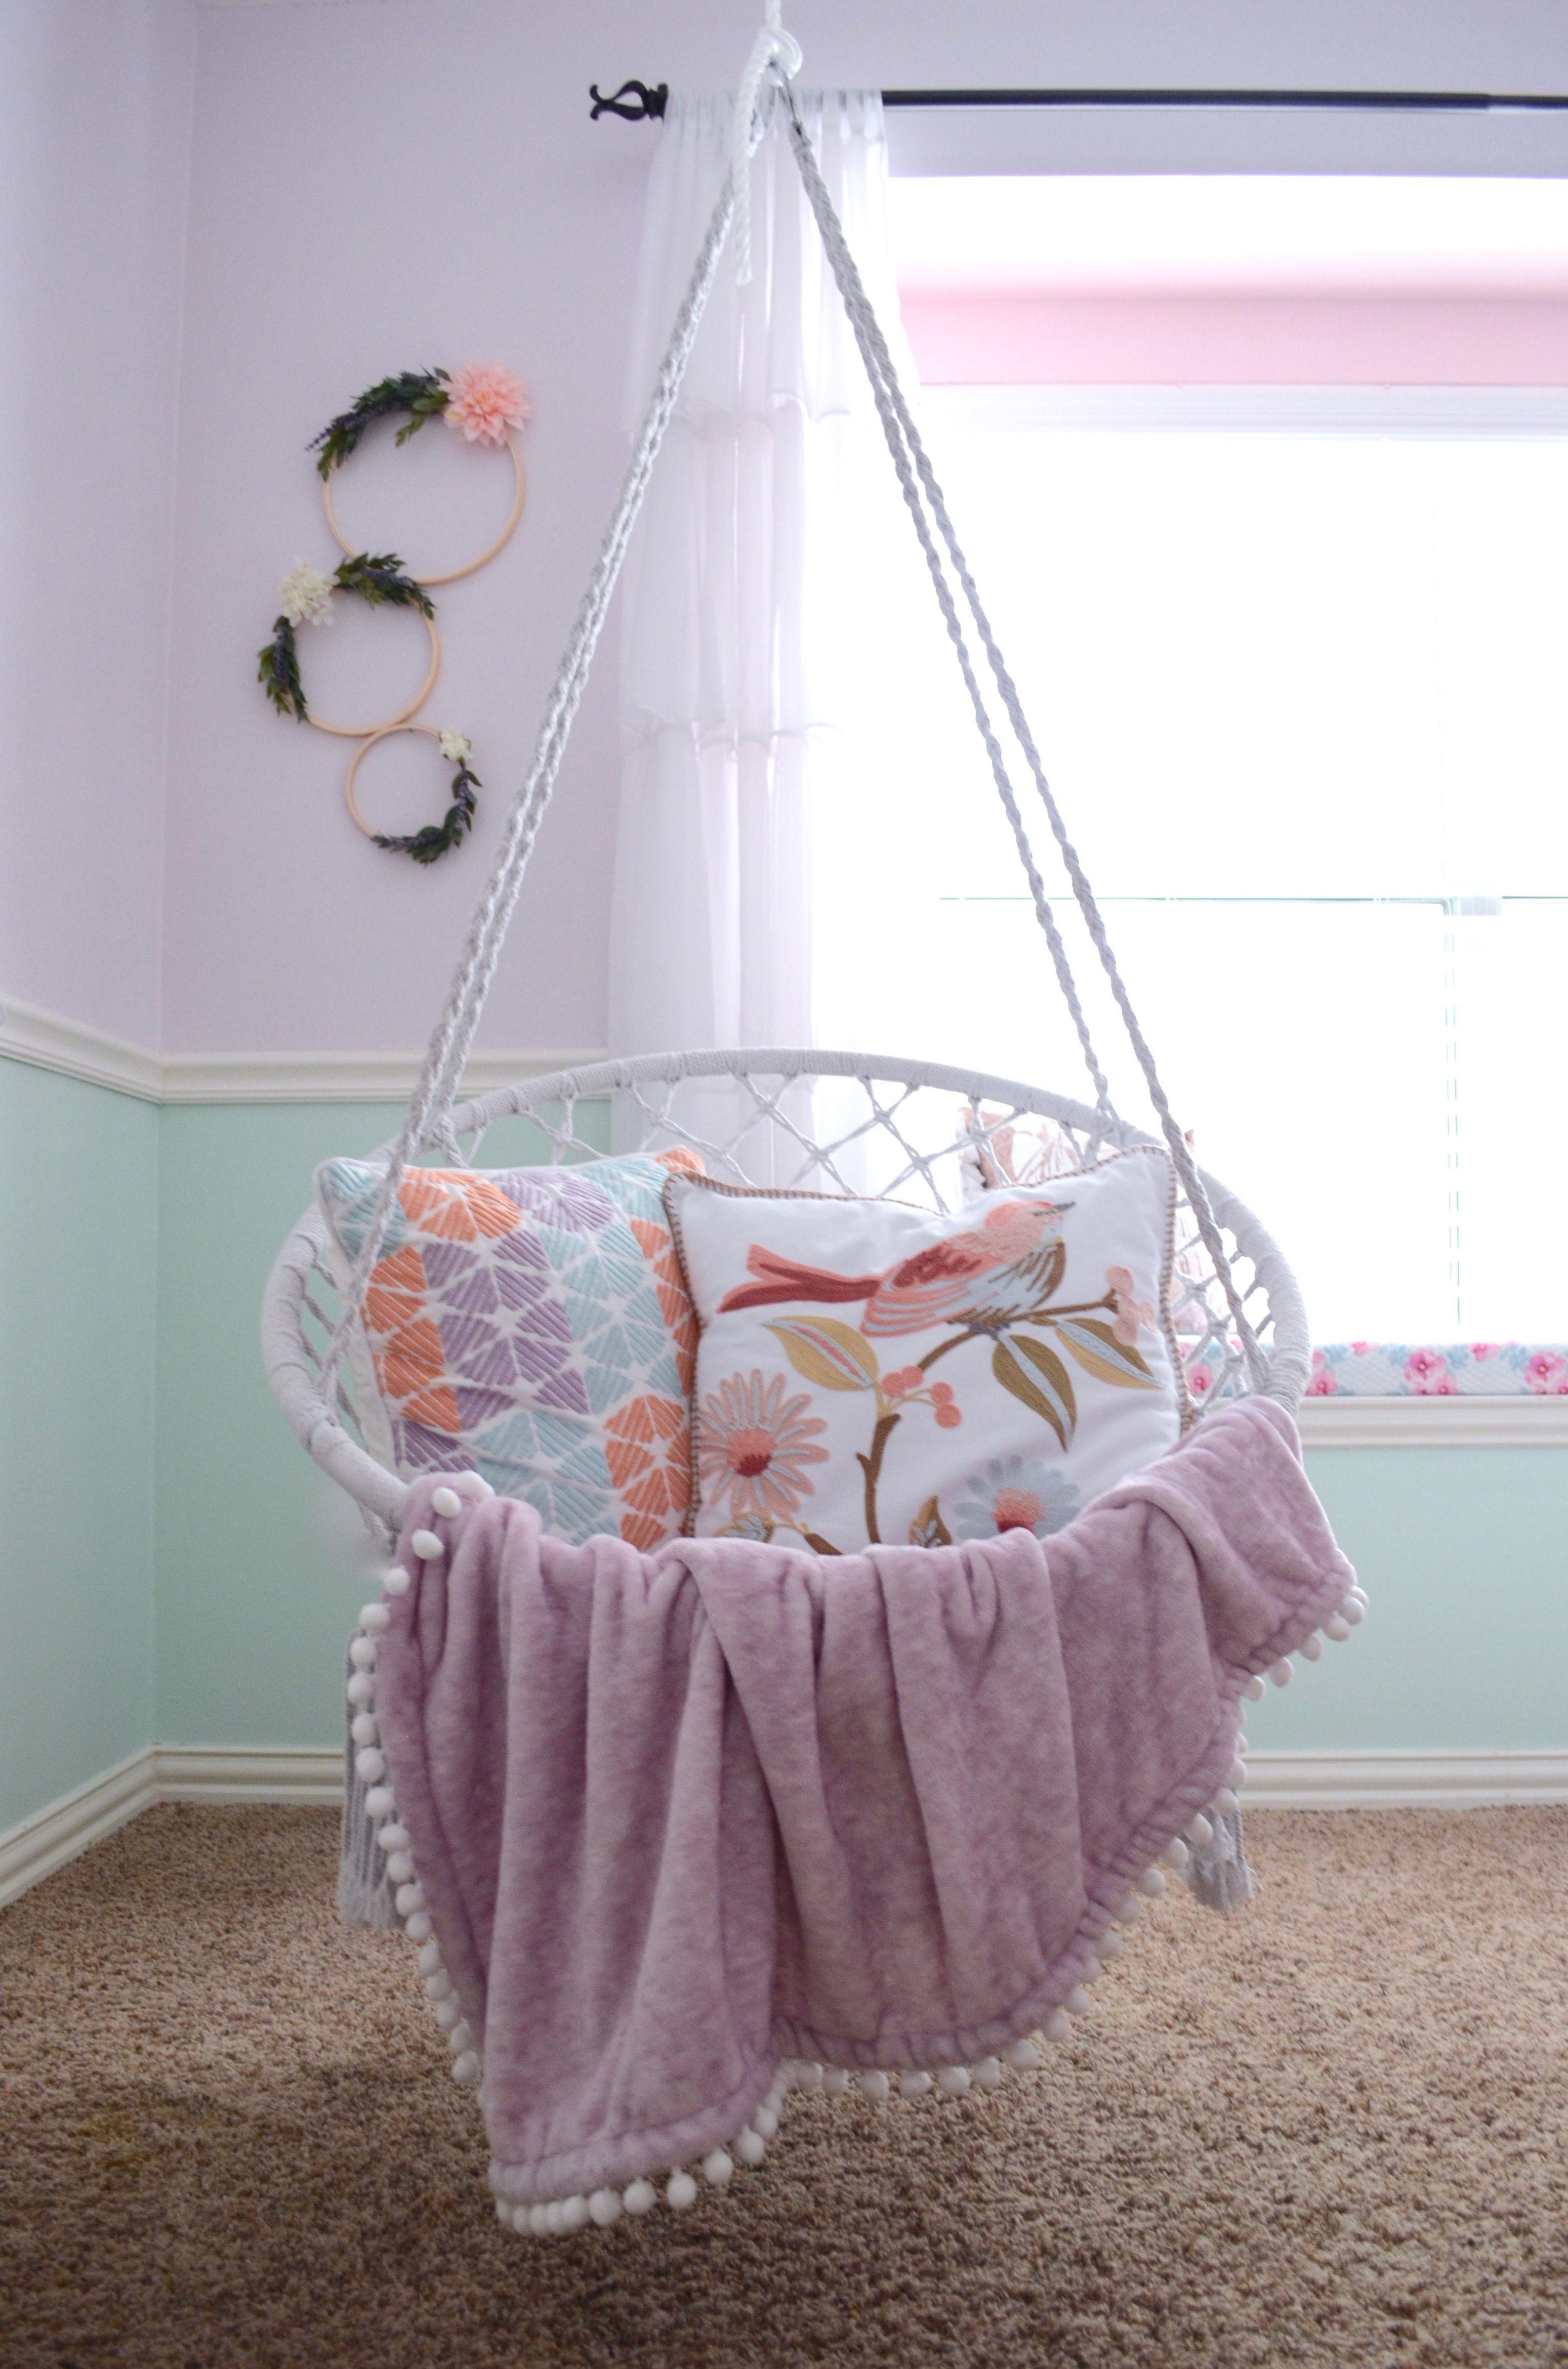 Girls room kid room girl nursery kid space chair swing hanging